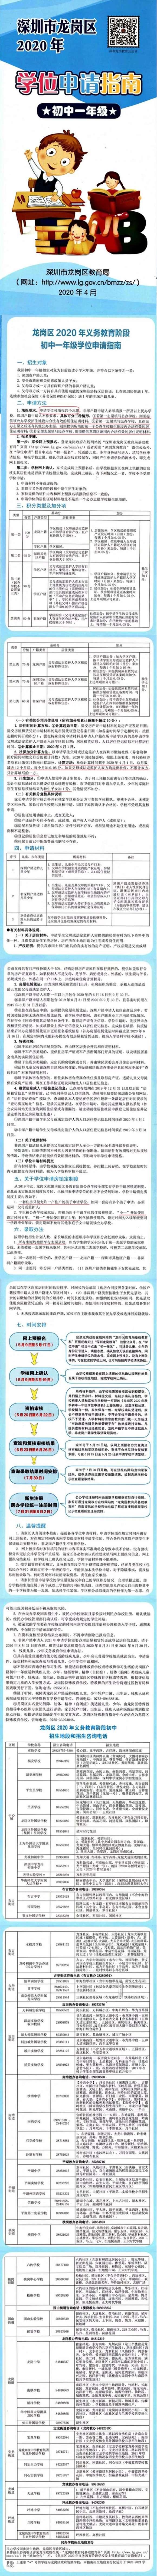 2020年深圳首区学位申请时间公布!小一5月7日,初一5月9日!